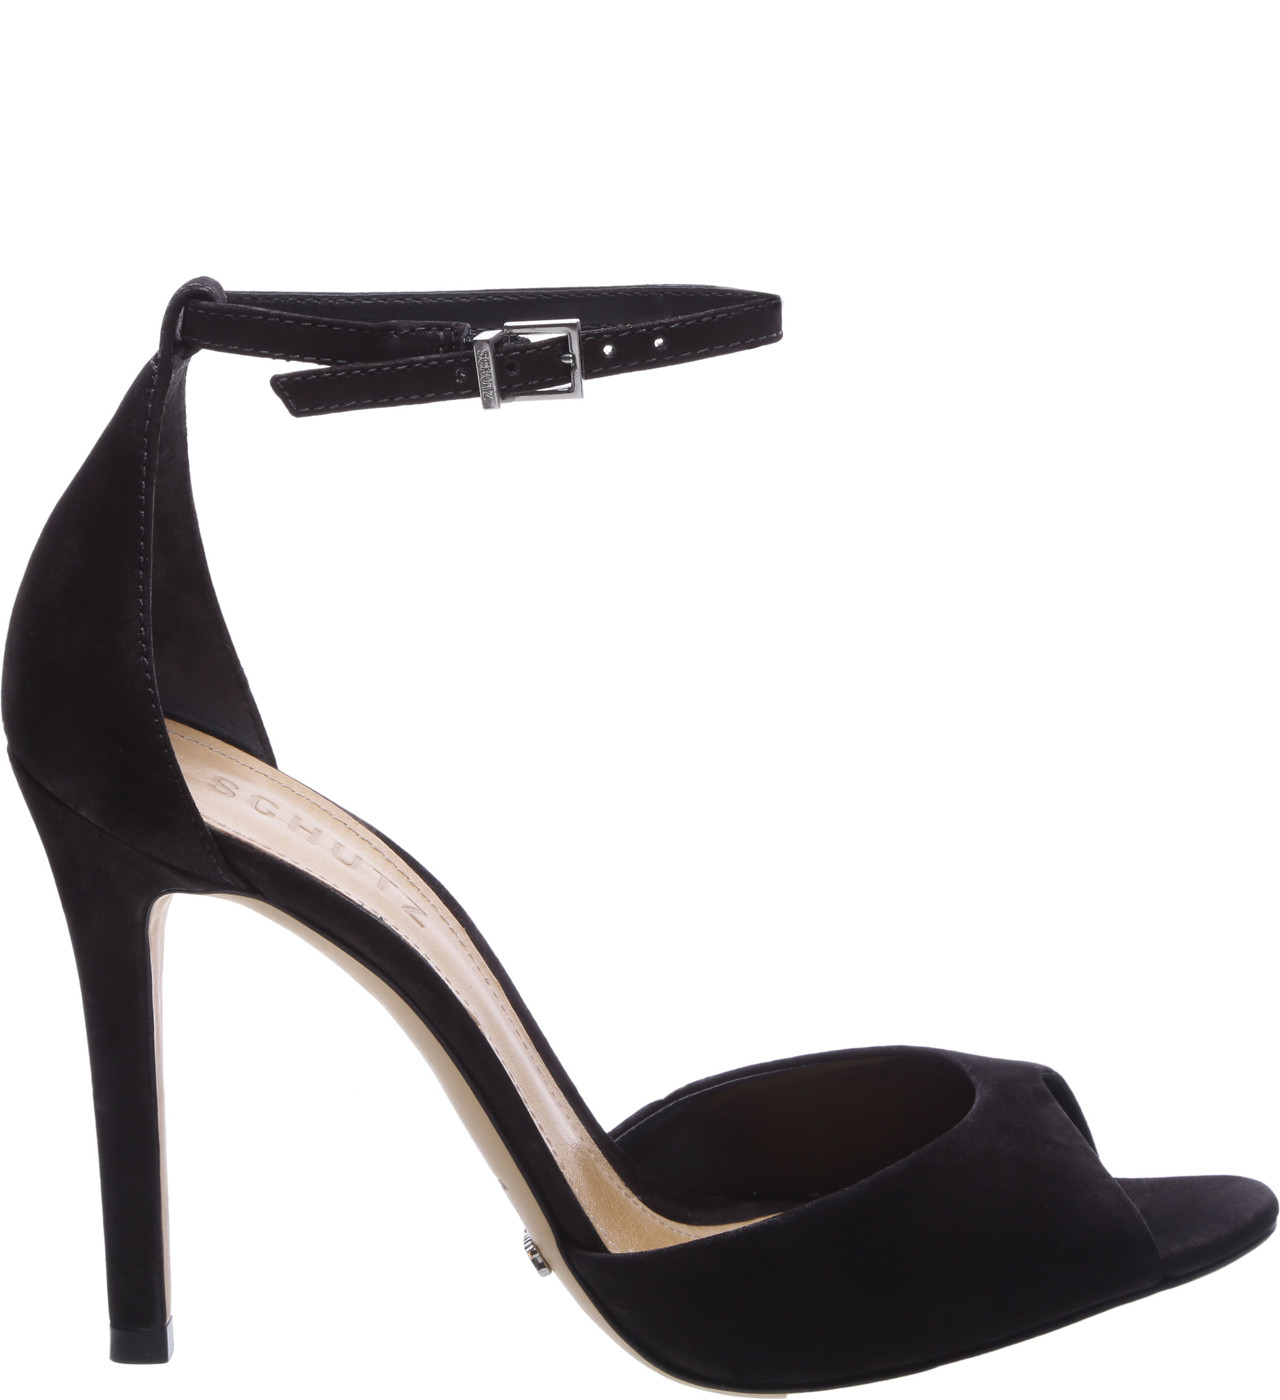 Women's Schutz Sandal heels